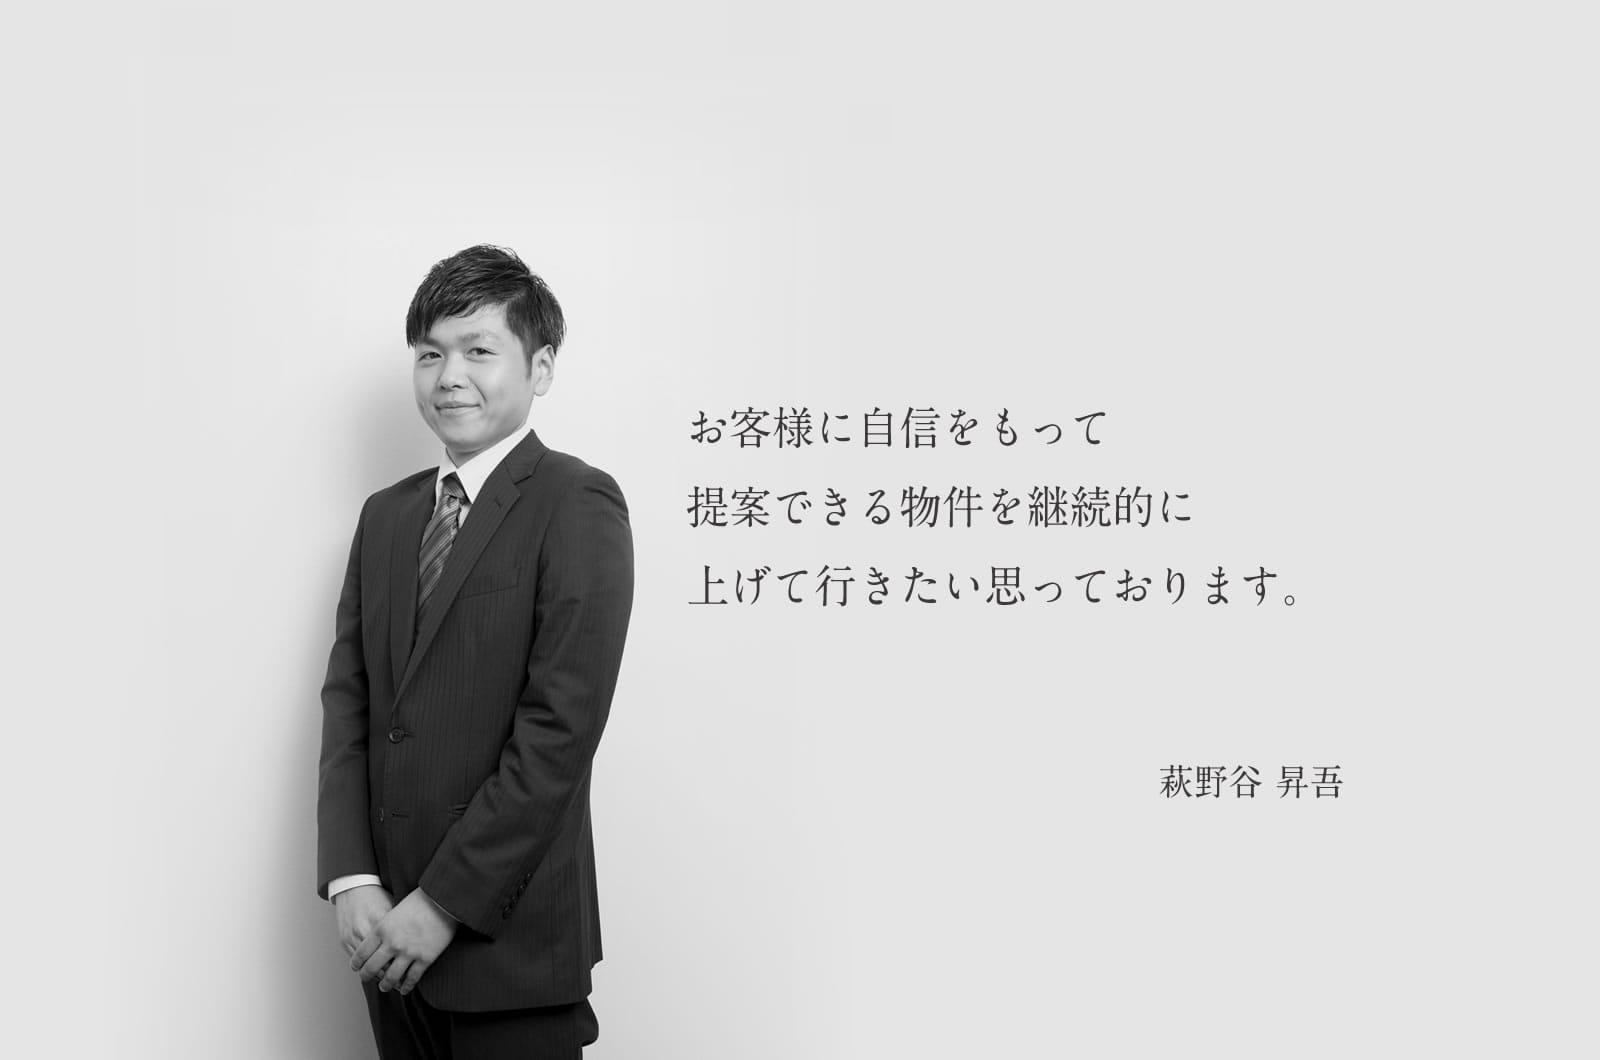 お客様に自信をもって提案できる物件を継続的に上げて行きたい思っております。萩野谷 昇吾